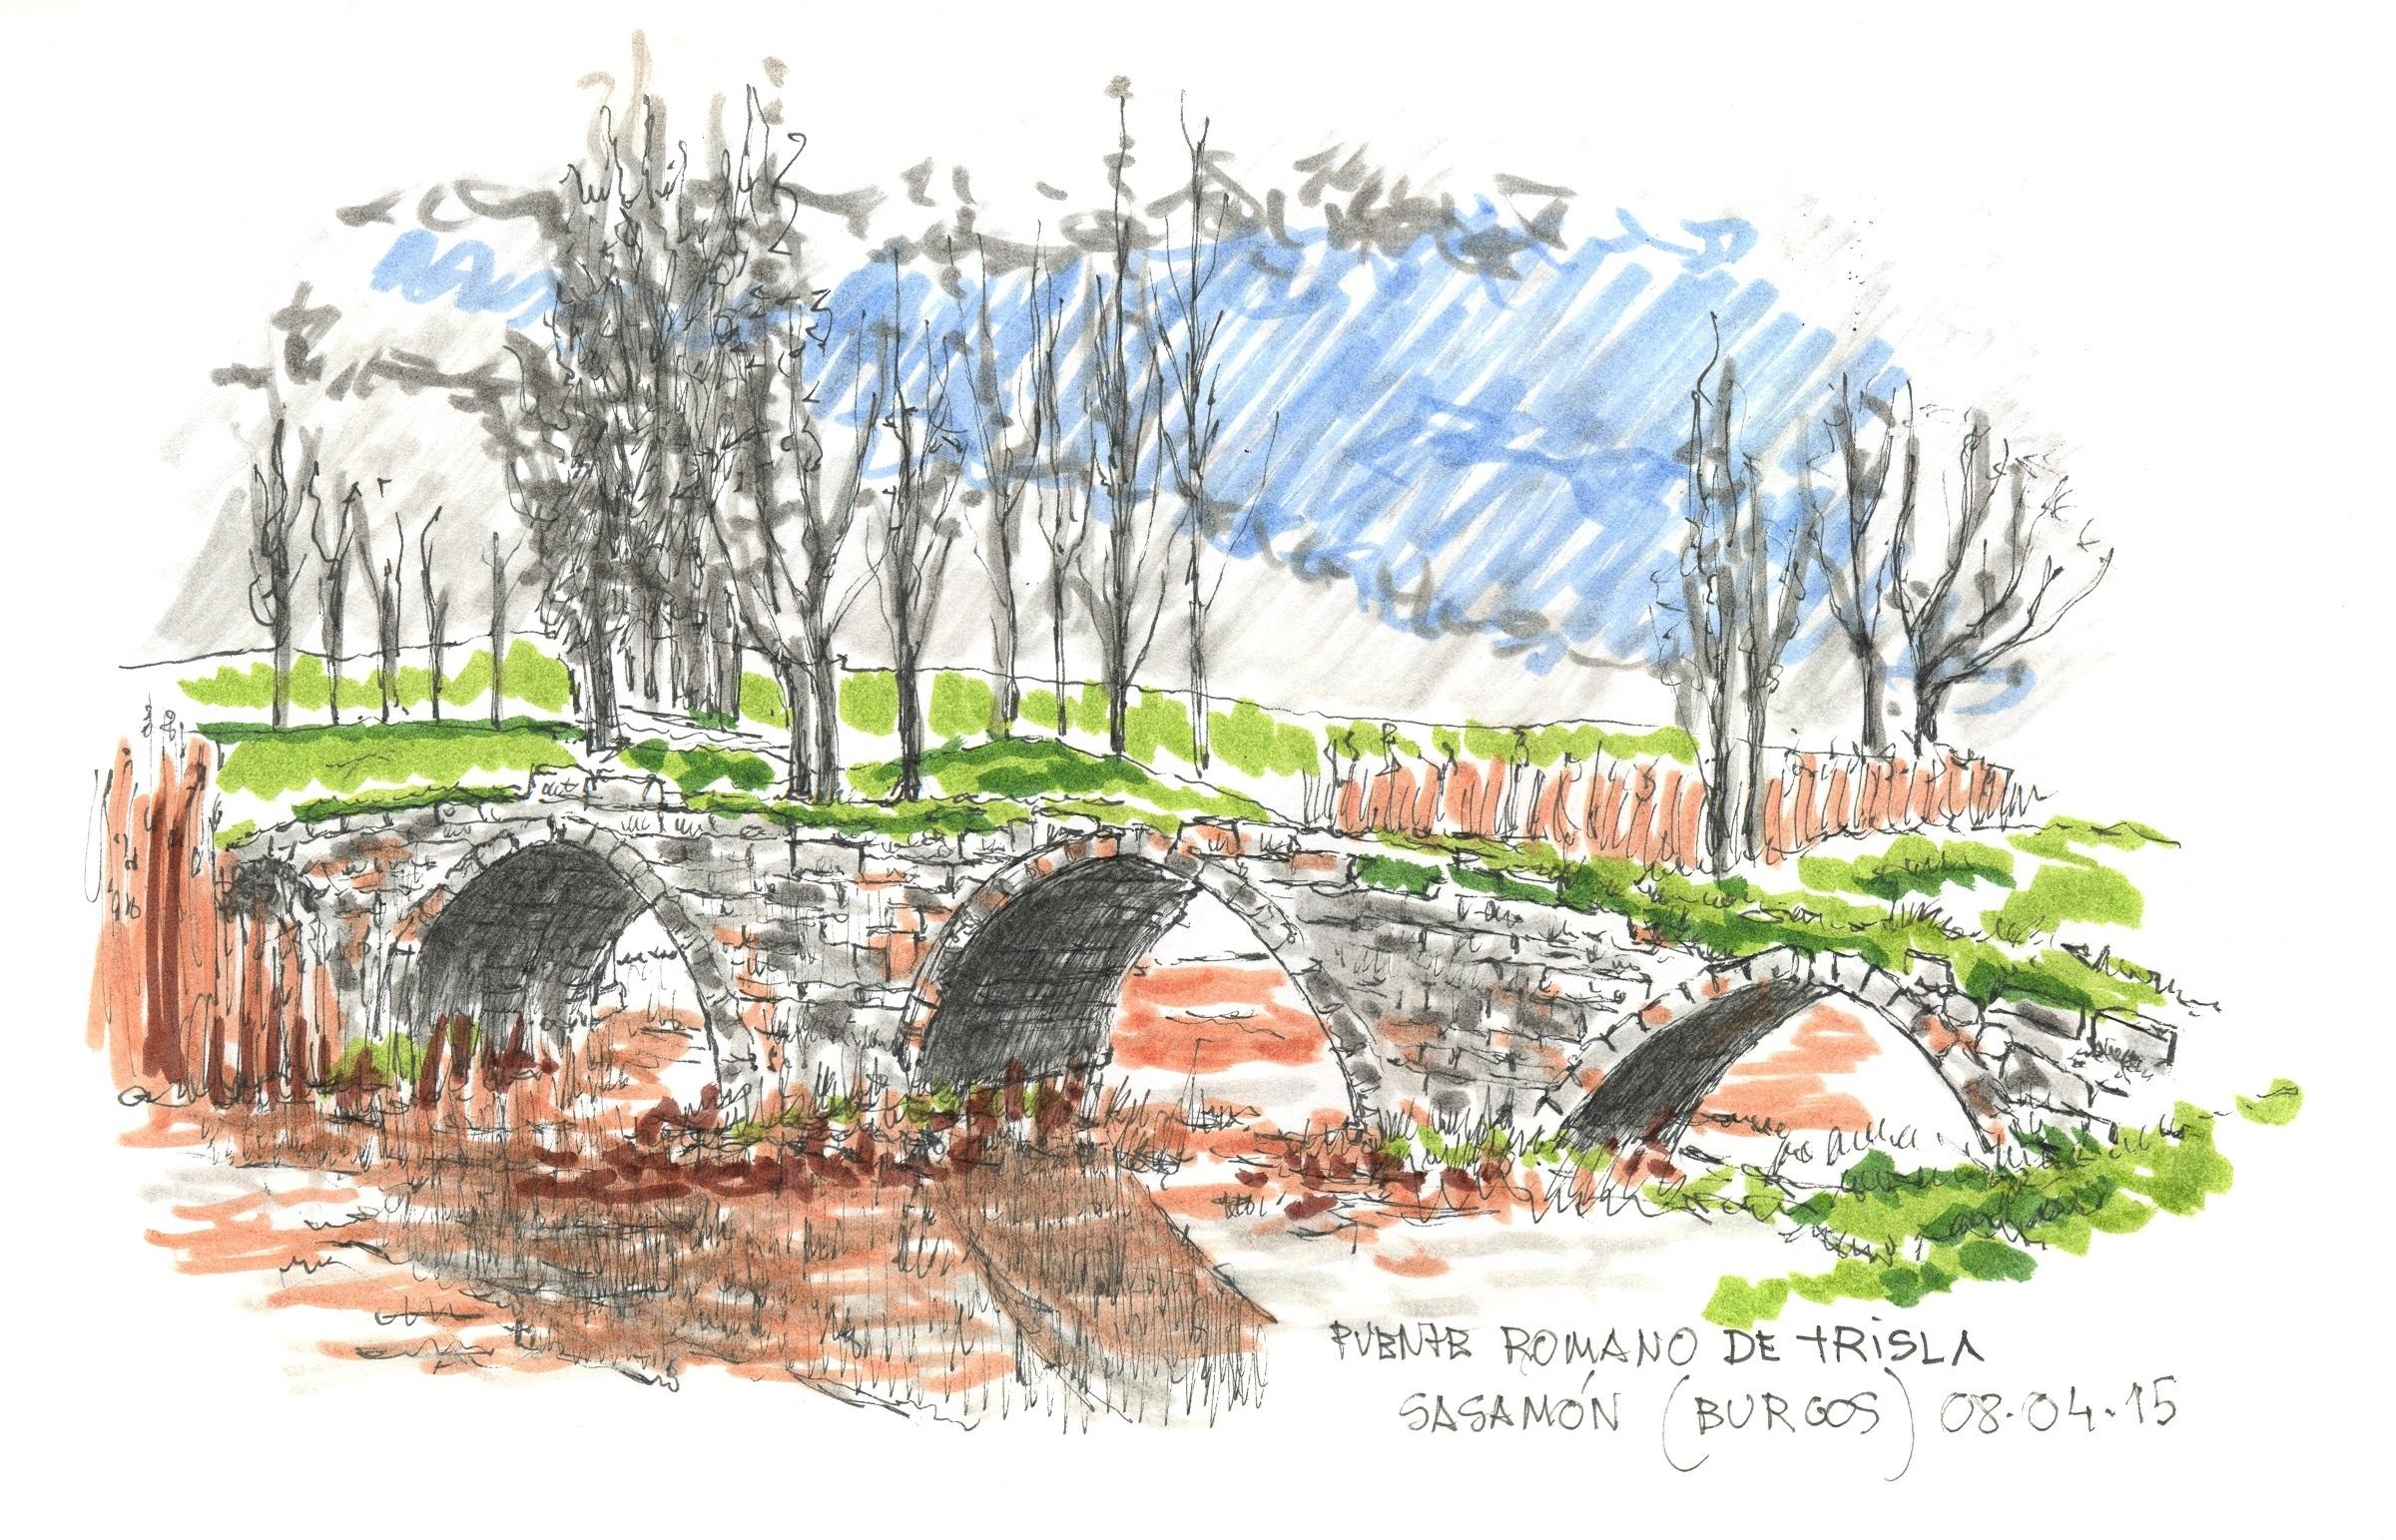 Puente romano de Trisla en Sasamón (Burgos)